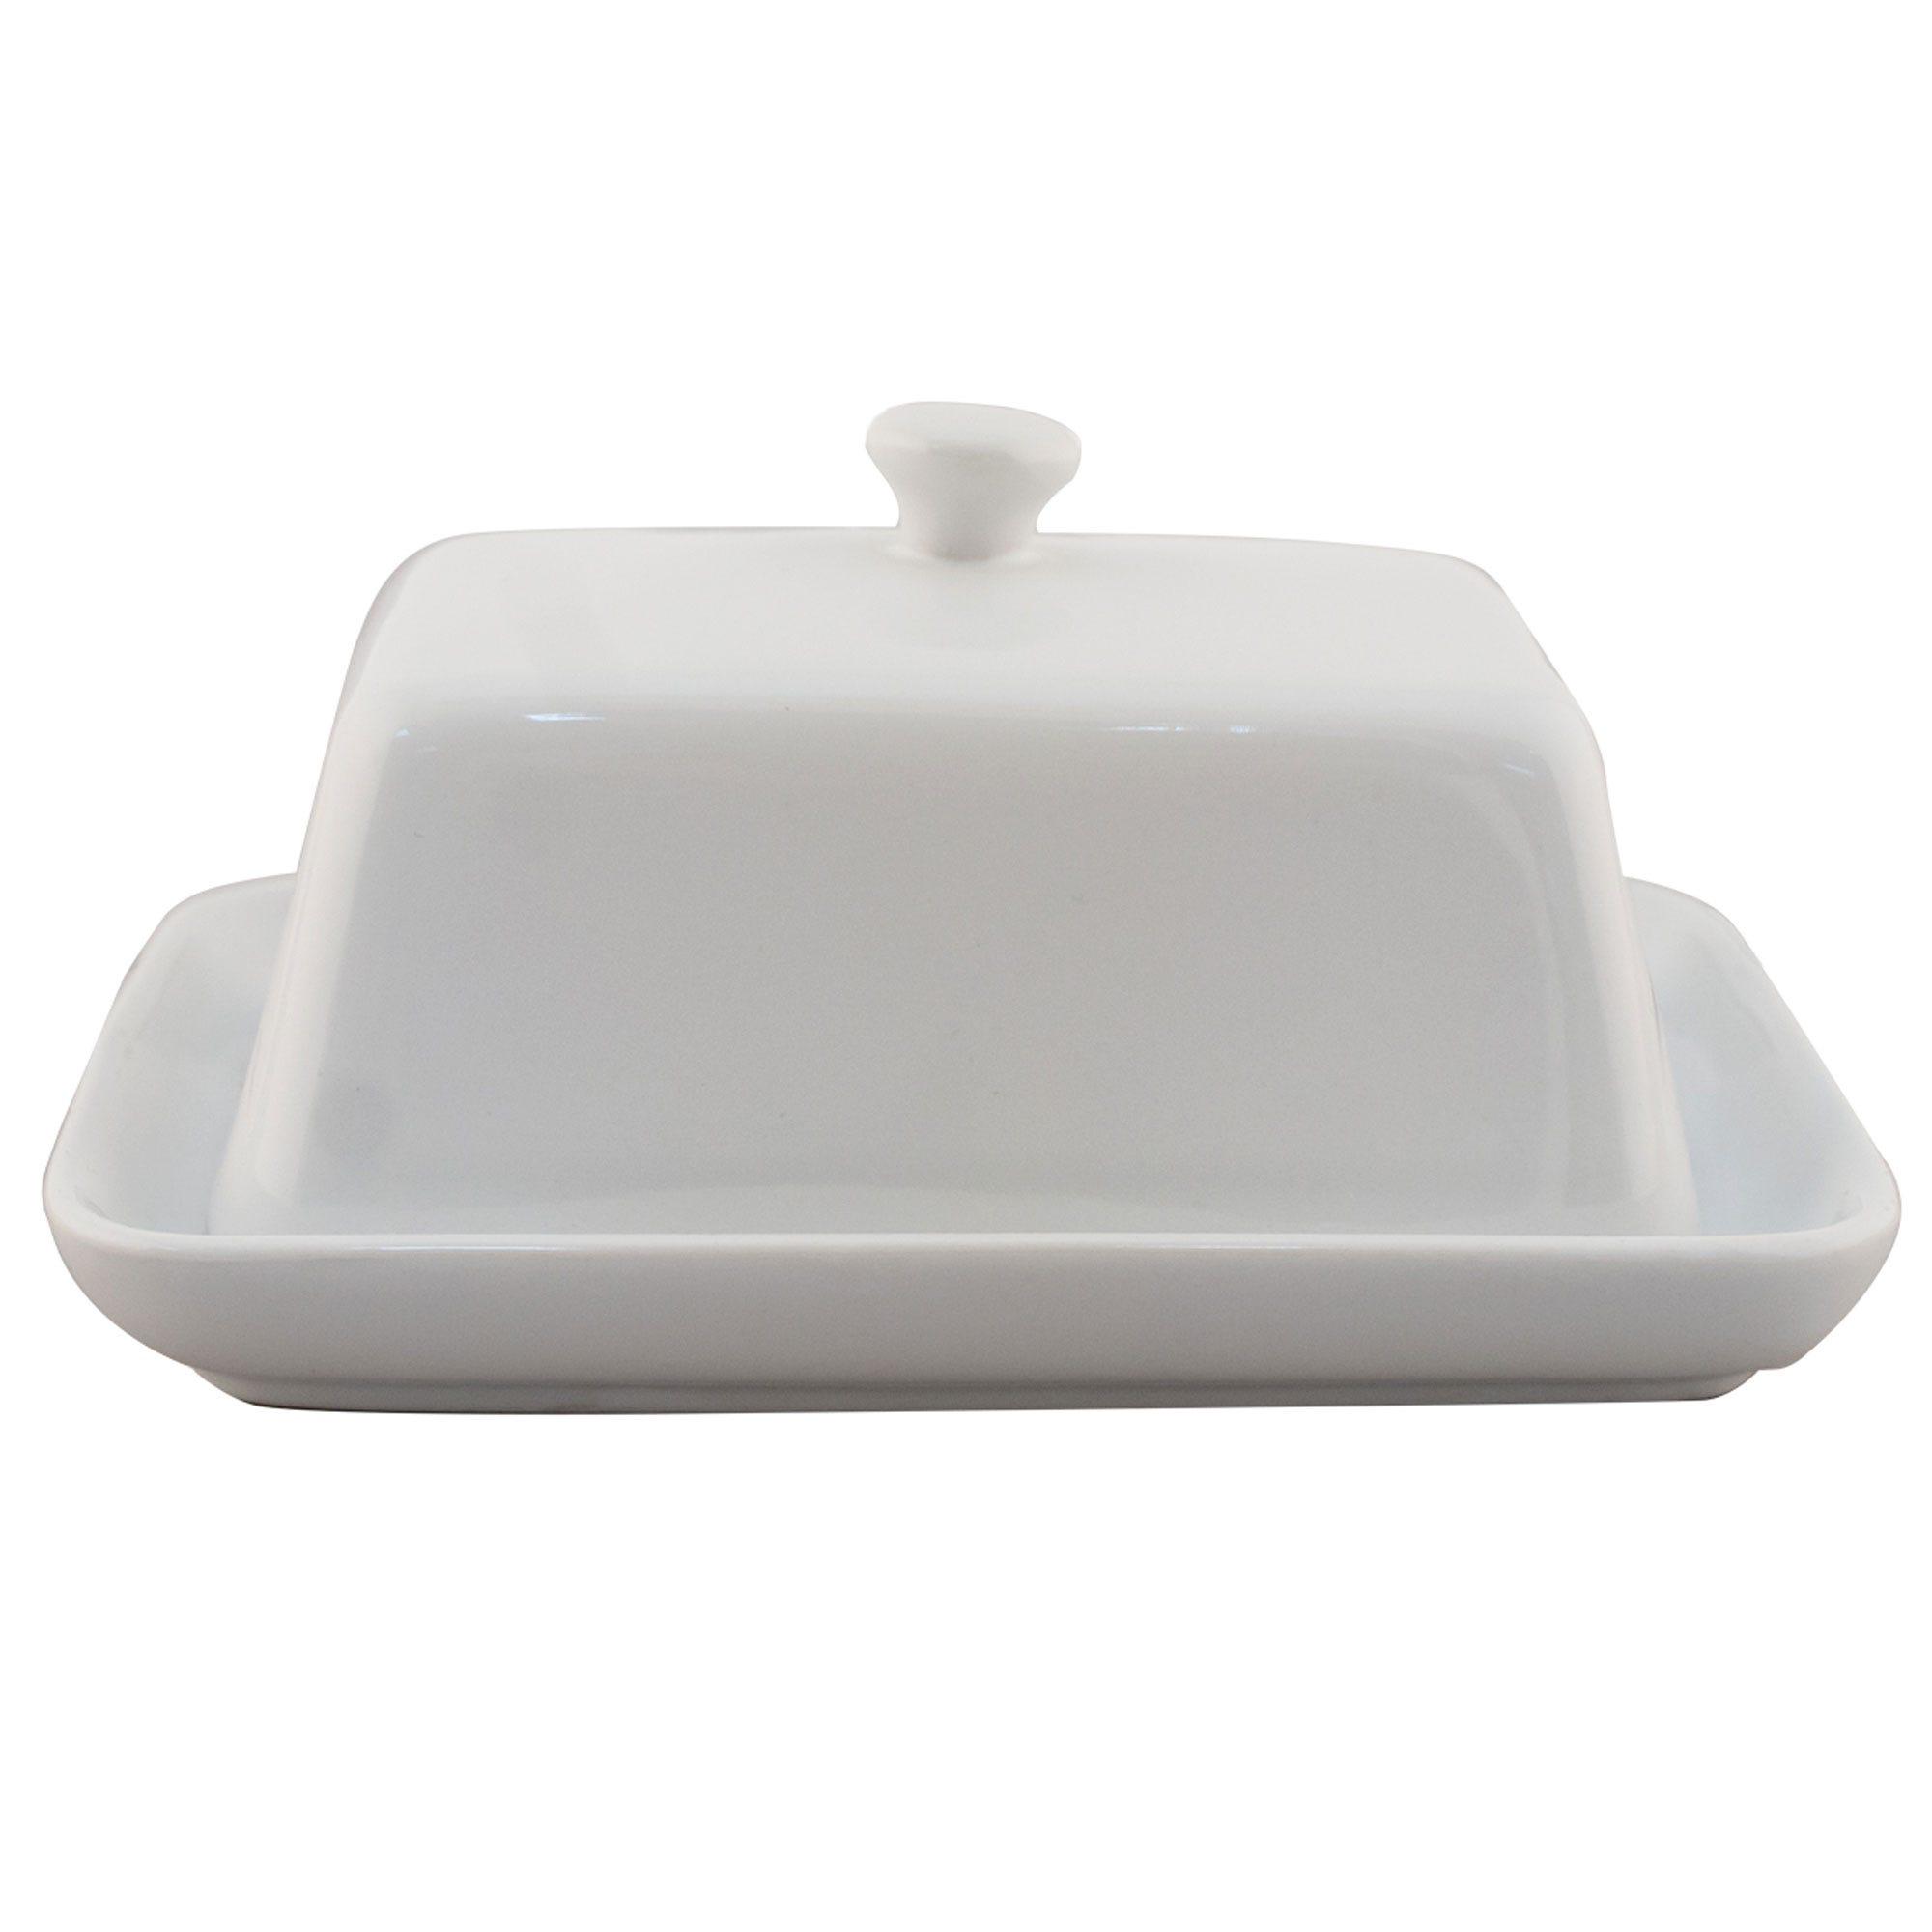 Image of Alfred Franks & Bartlett Porcelain Butter Dish